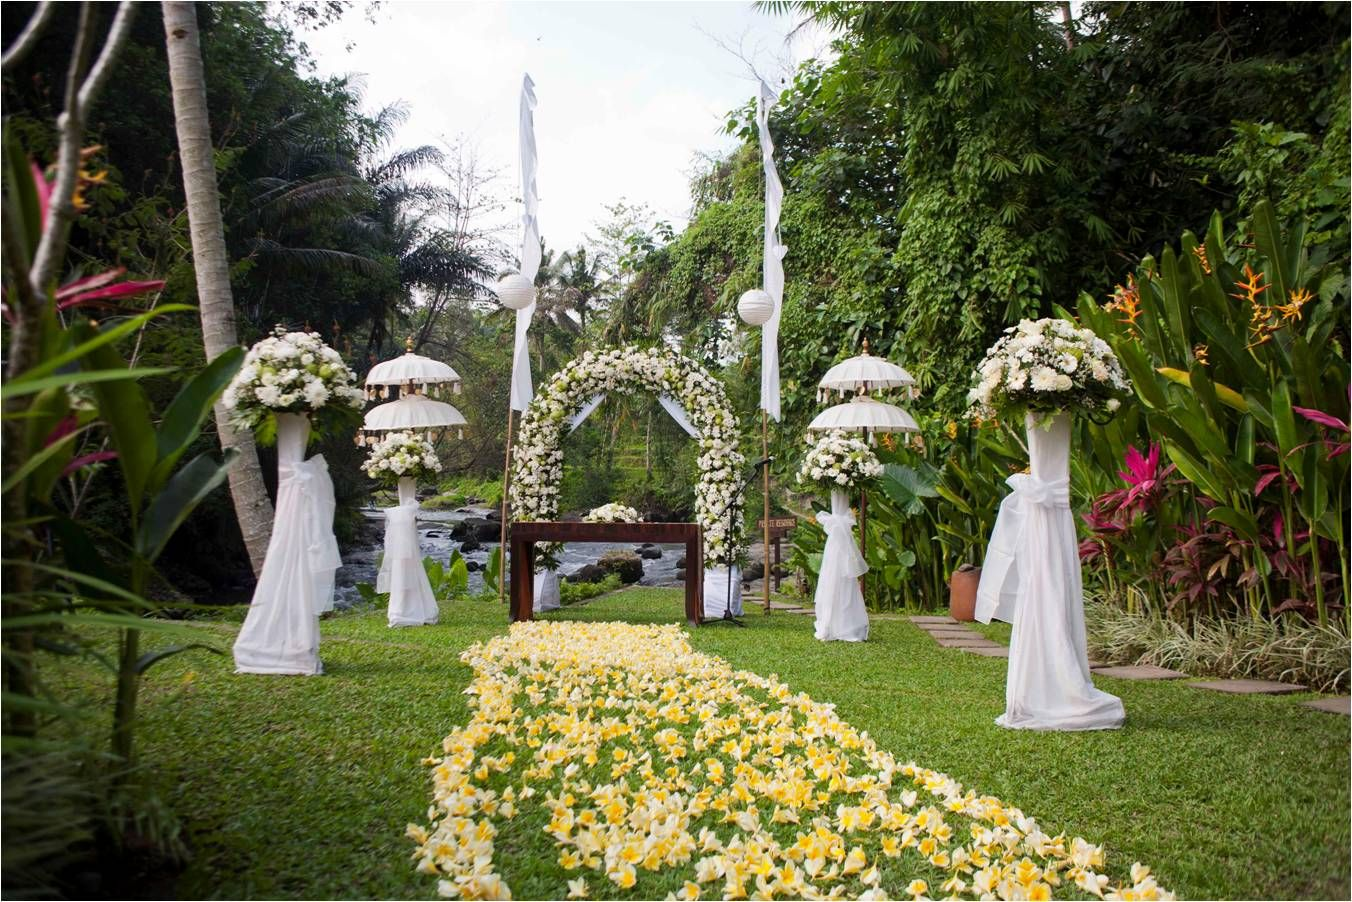 The Samaya Villas Bali, Ubud Bali - Weddings: A wedding is a \'once ...